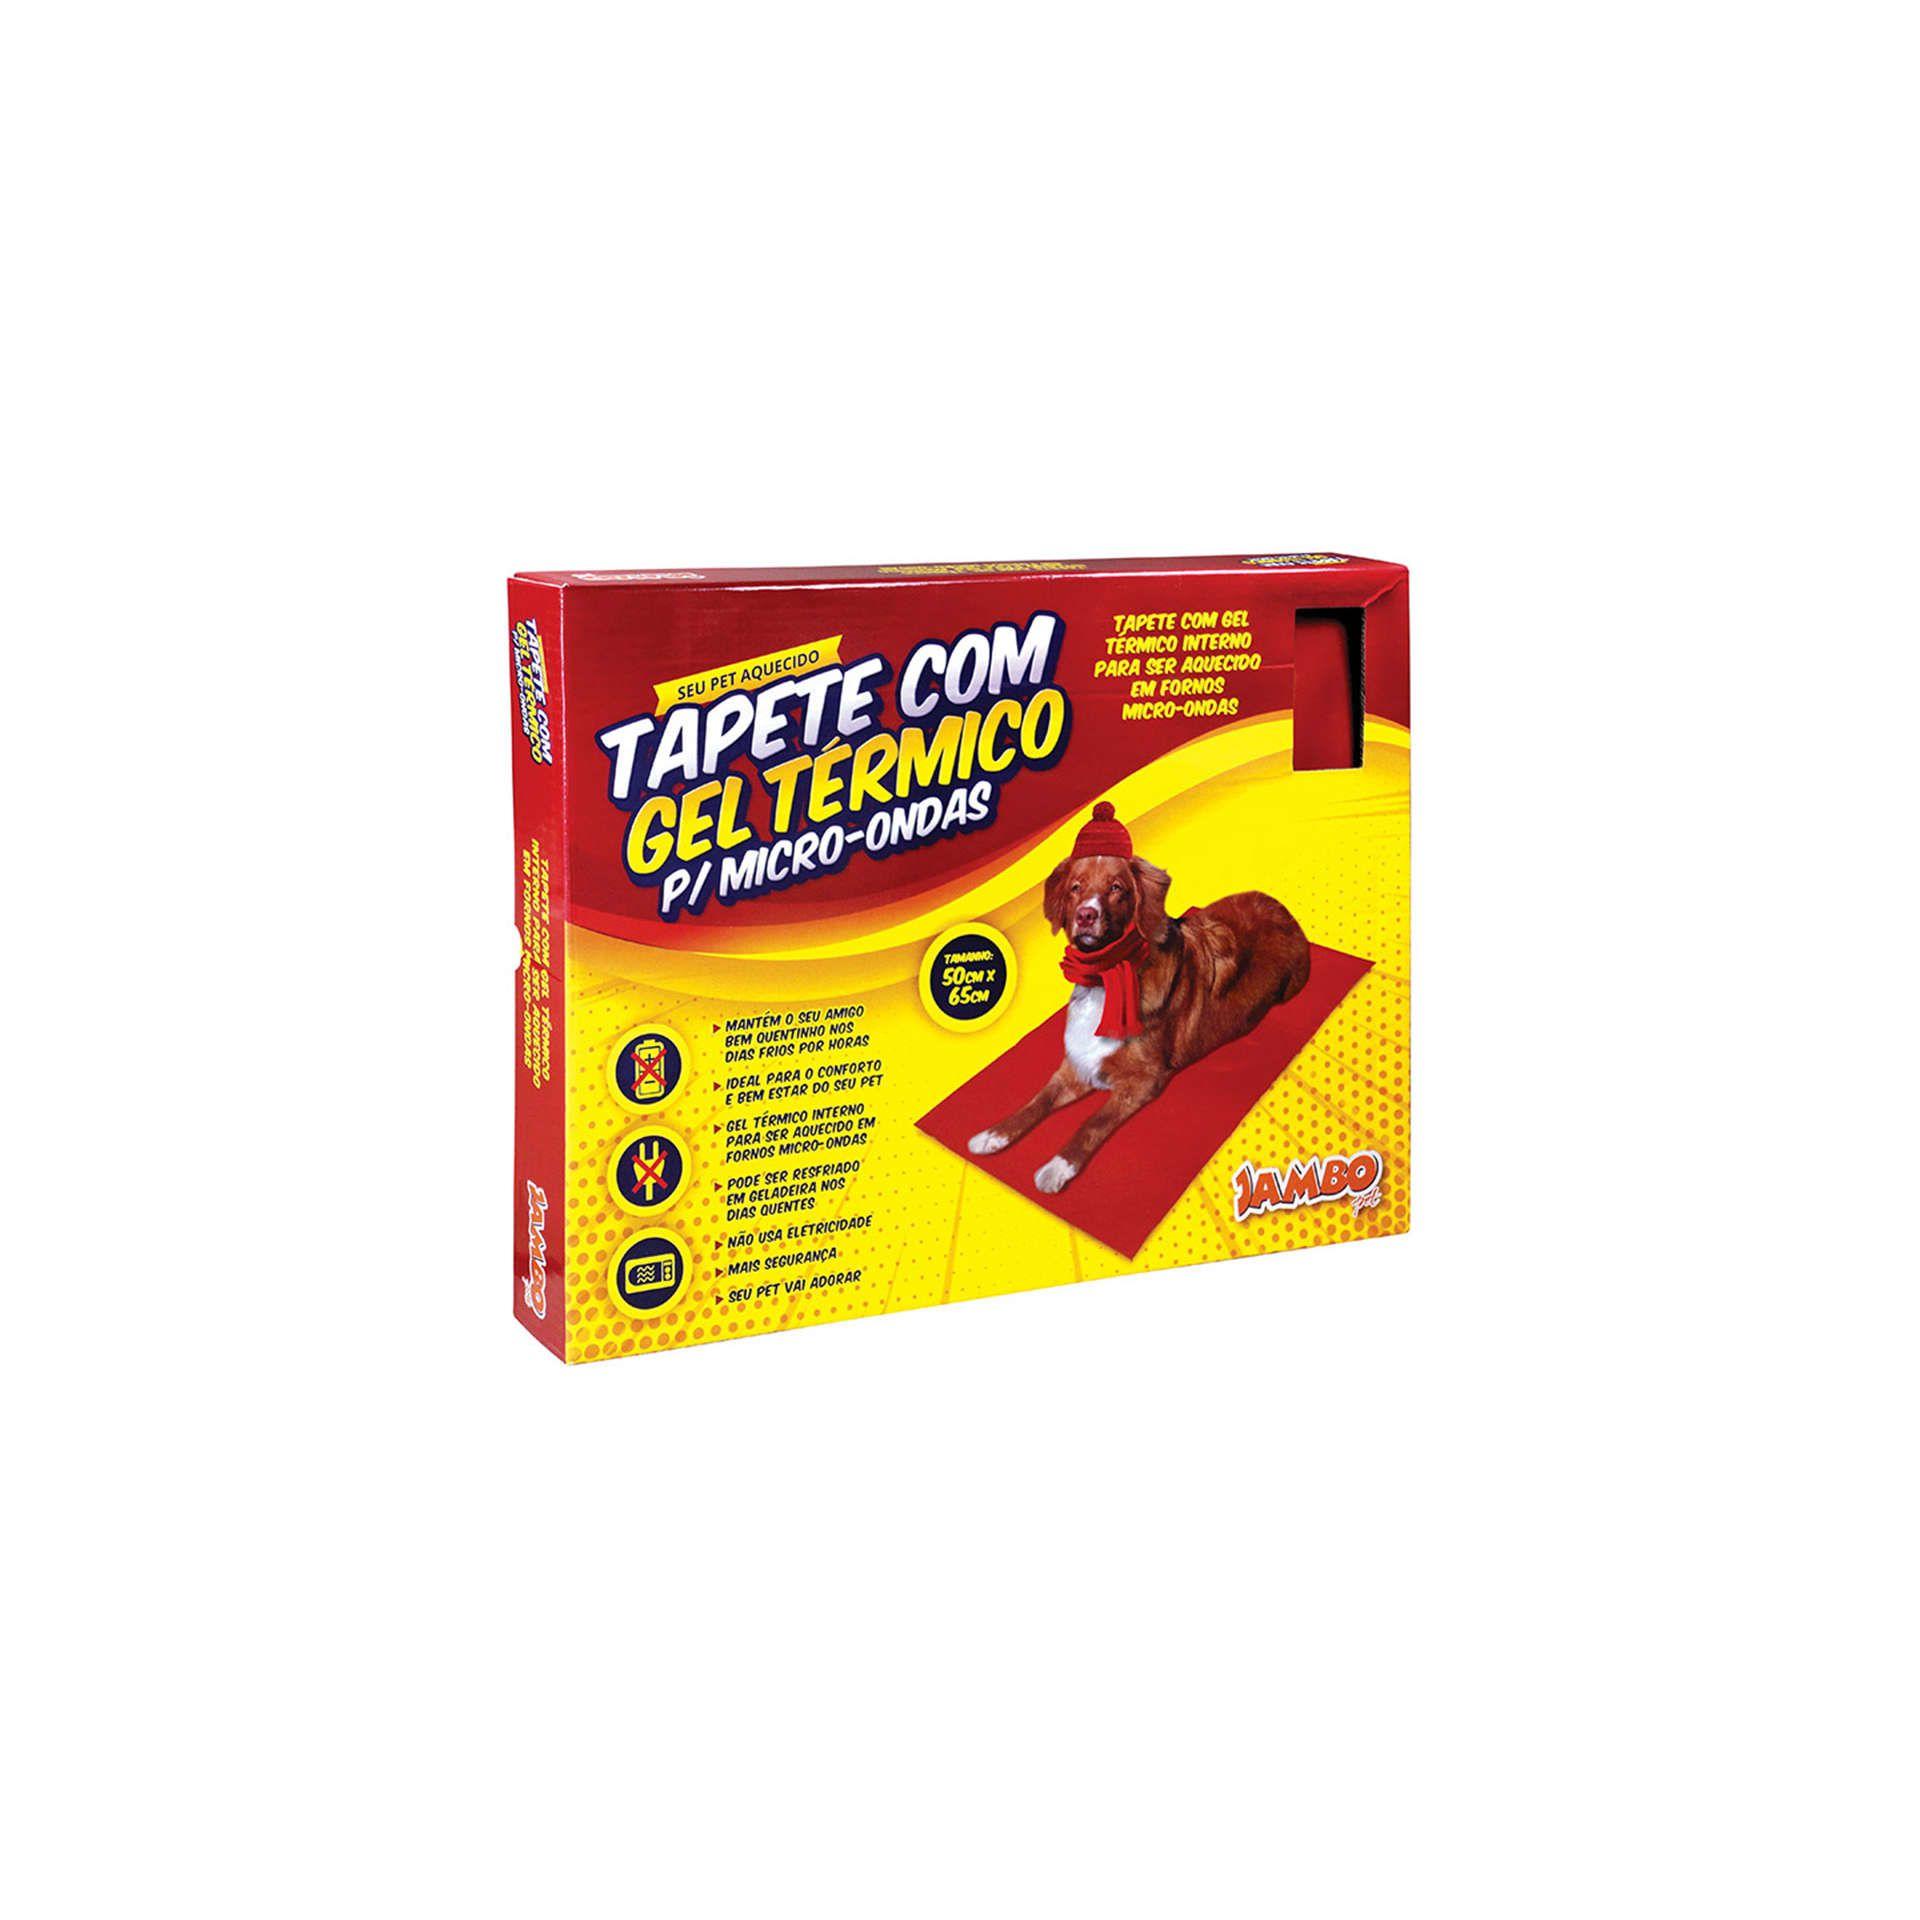 Tapete Com Gel Térmico Para Micro-Ondas Jambo